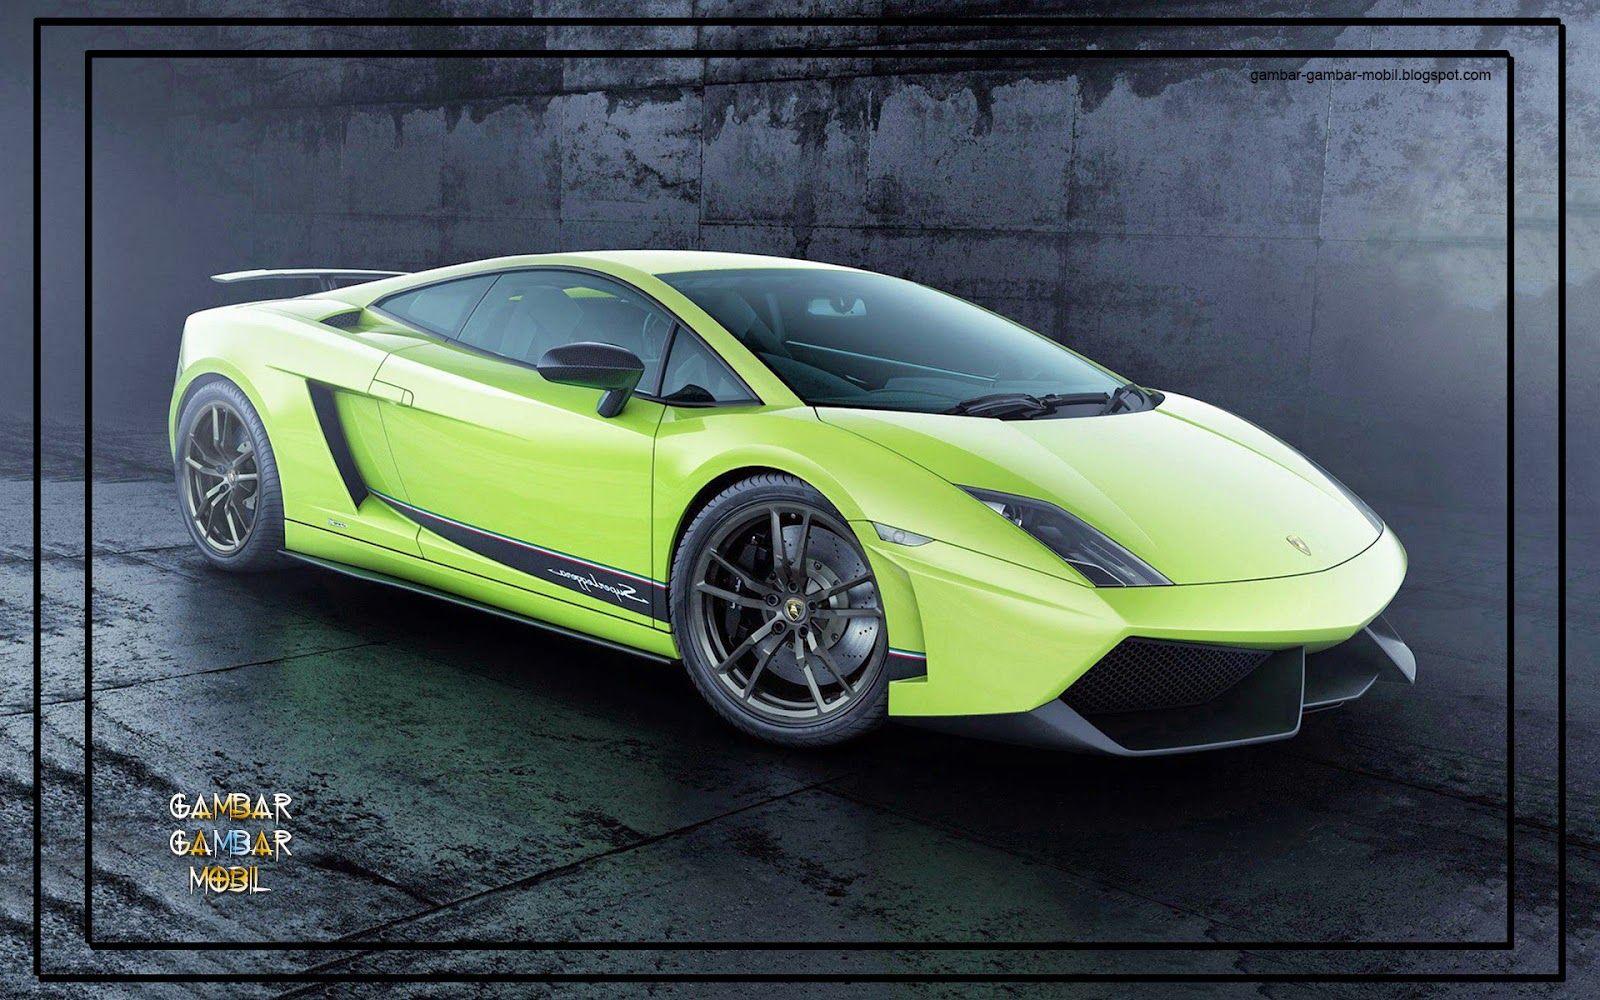 Gambar Mobil Balap Galardo Lamborghini Pinterest Lamborghini